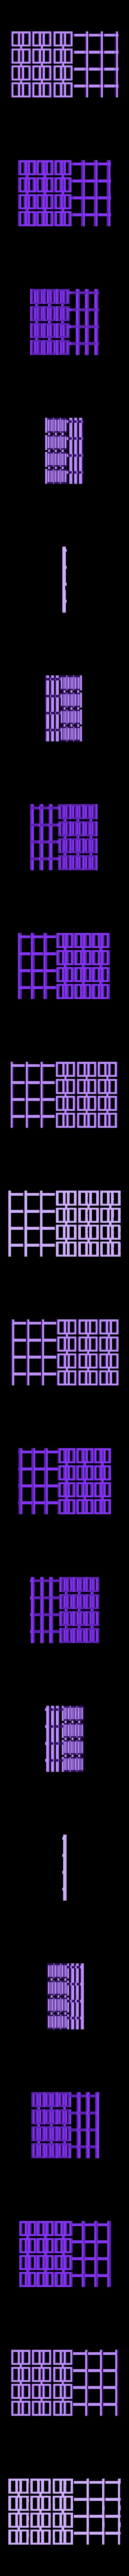 D9cef1e1 1e81 4f52 8363 494e91c6806b